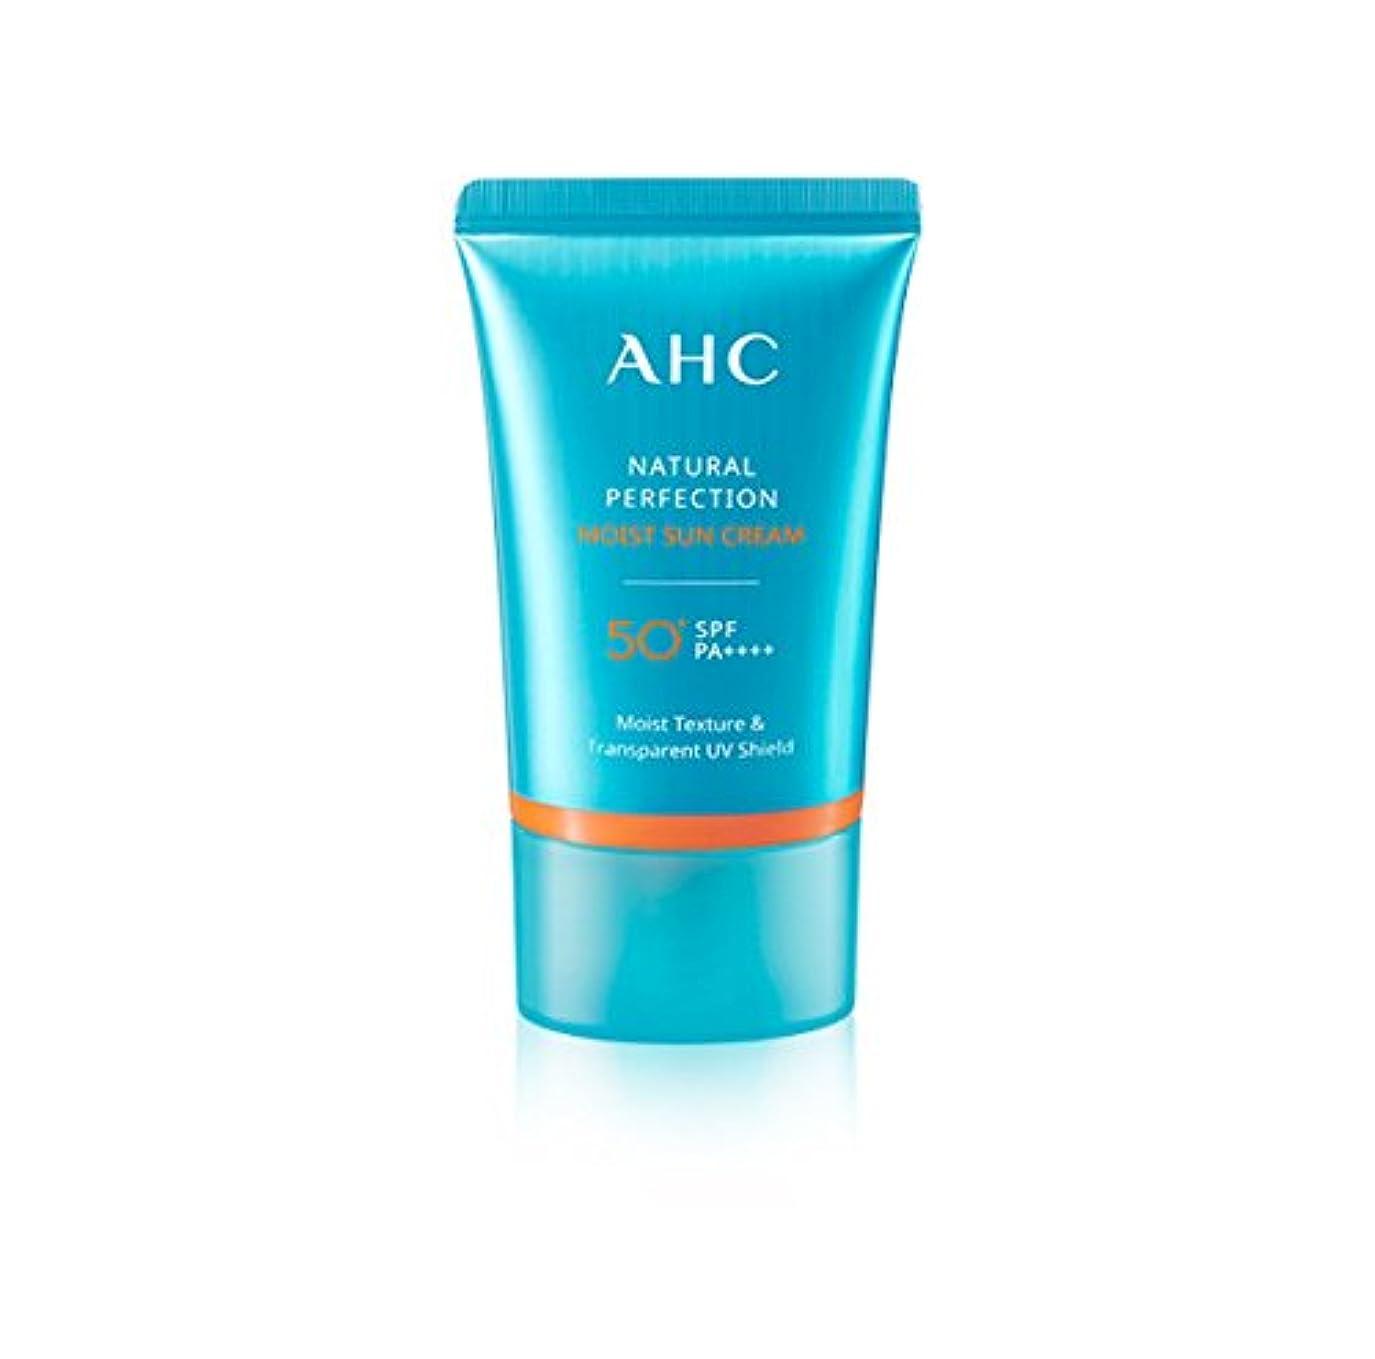 ケープ認識変装したAHC Natural Perfection Moist Sun Cream 50ml/AHC ナチュラル パーフェクション モイスト サン クリーム 50ml [並行輸入品]